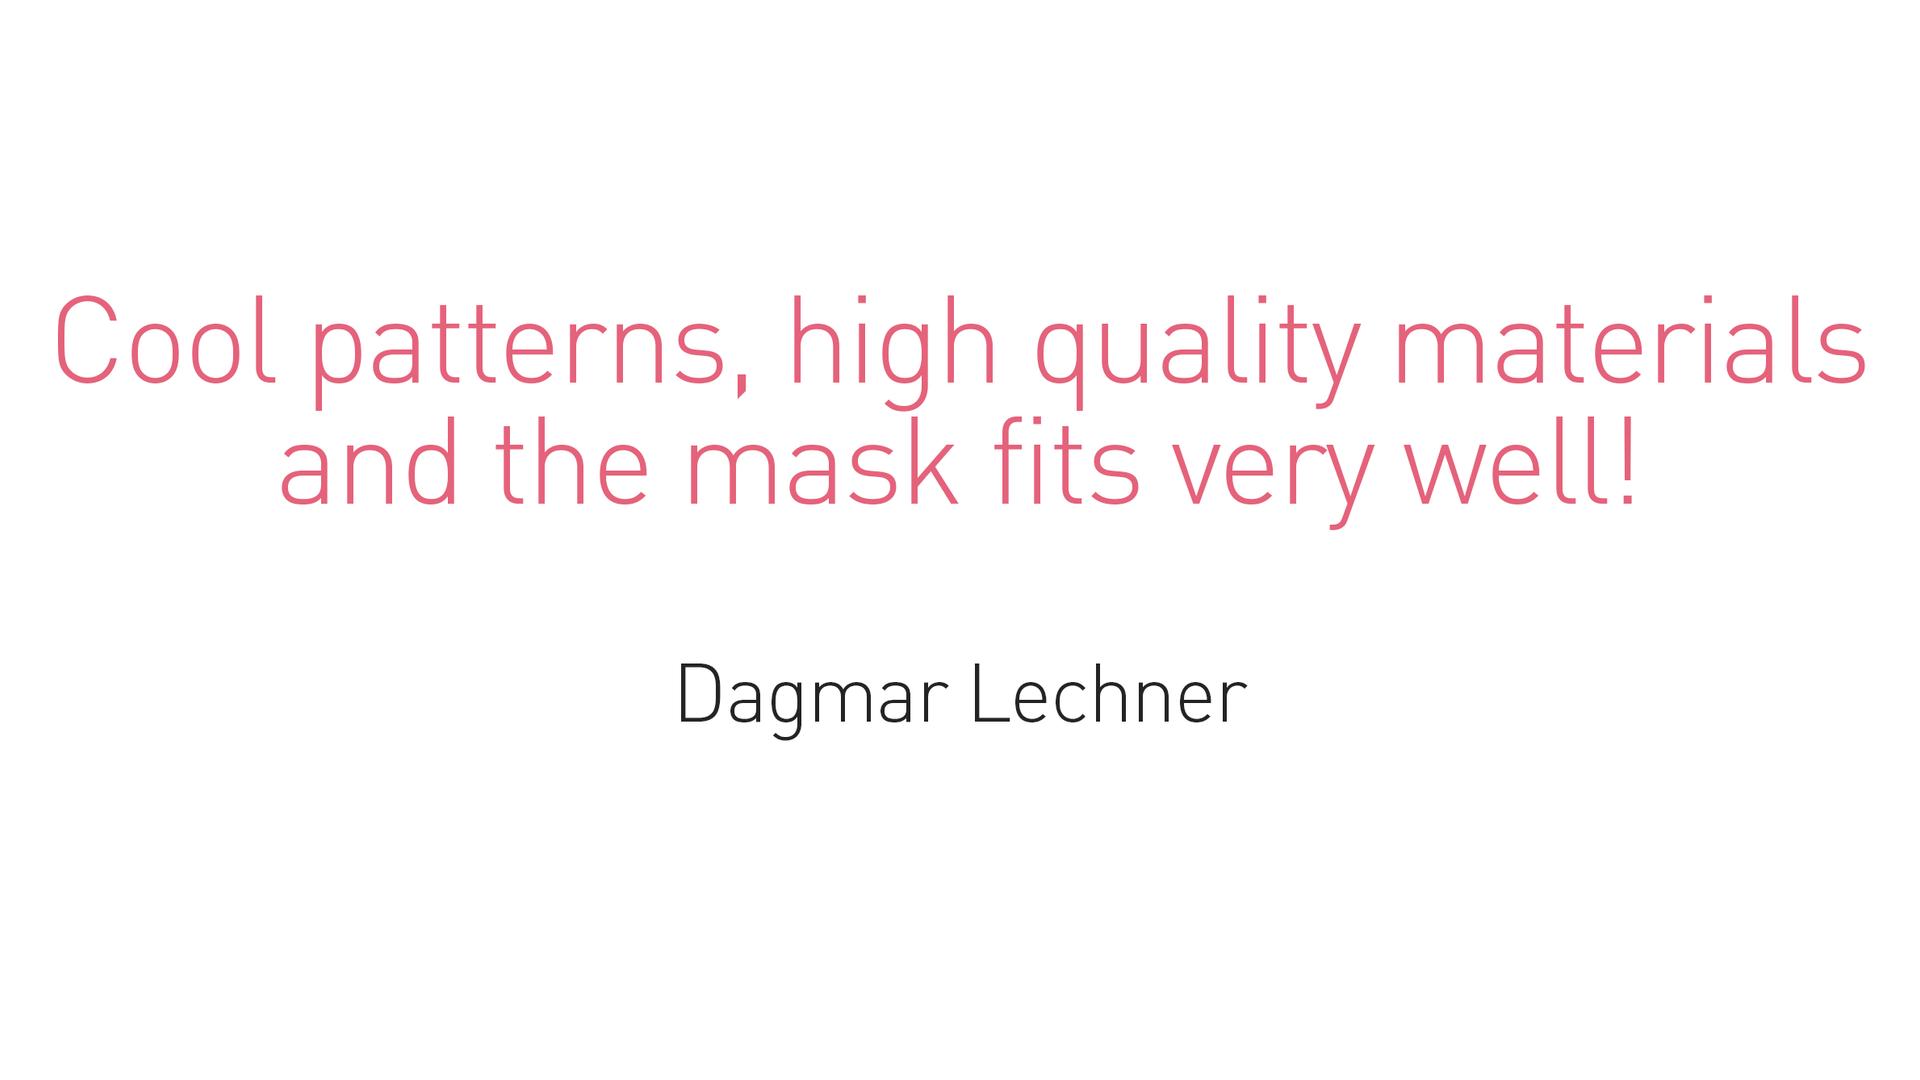 Testimonial - Dagmar Lechner